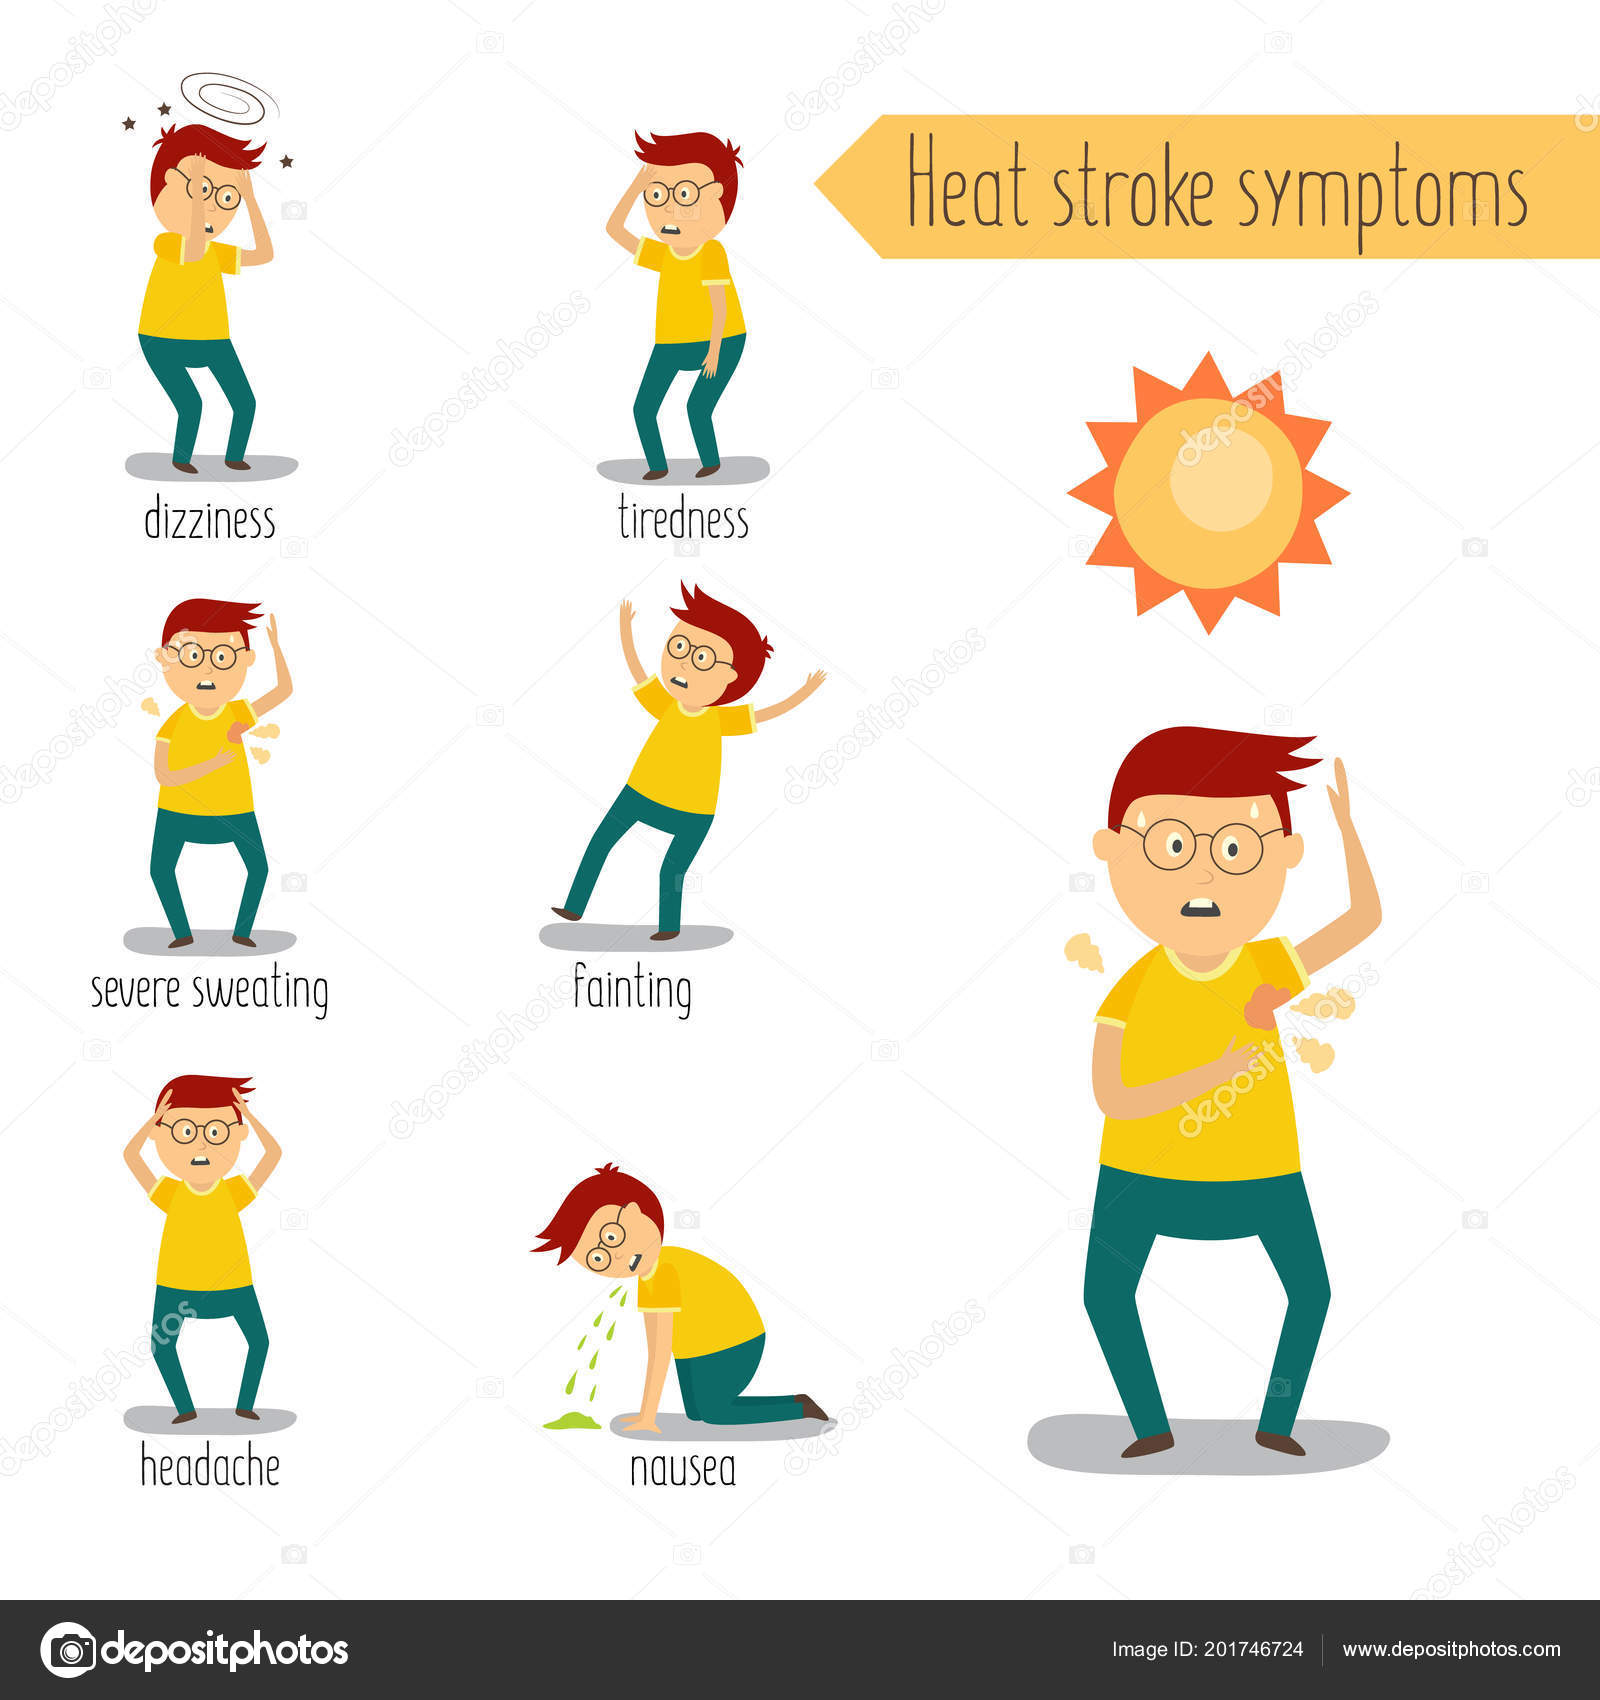 Dolor de cabeza nauseas vomitos cansancio